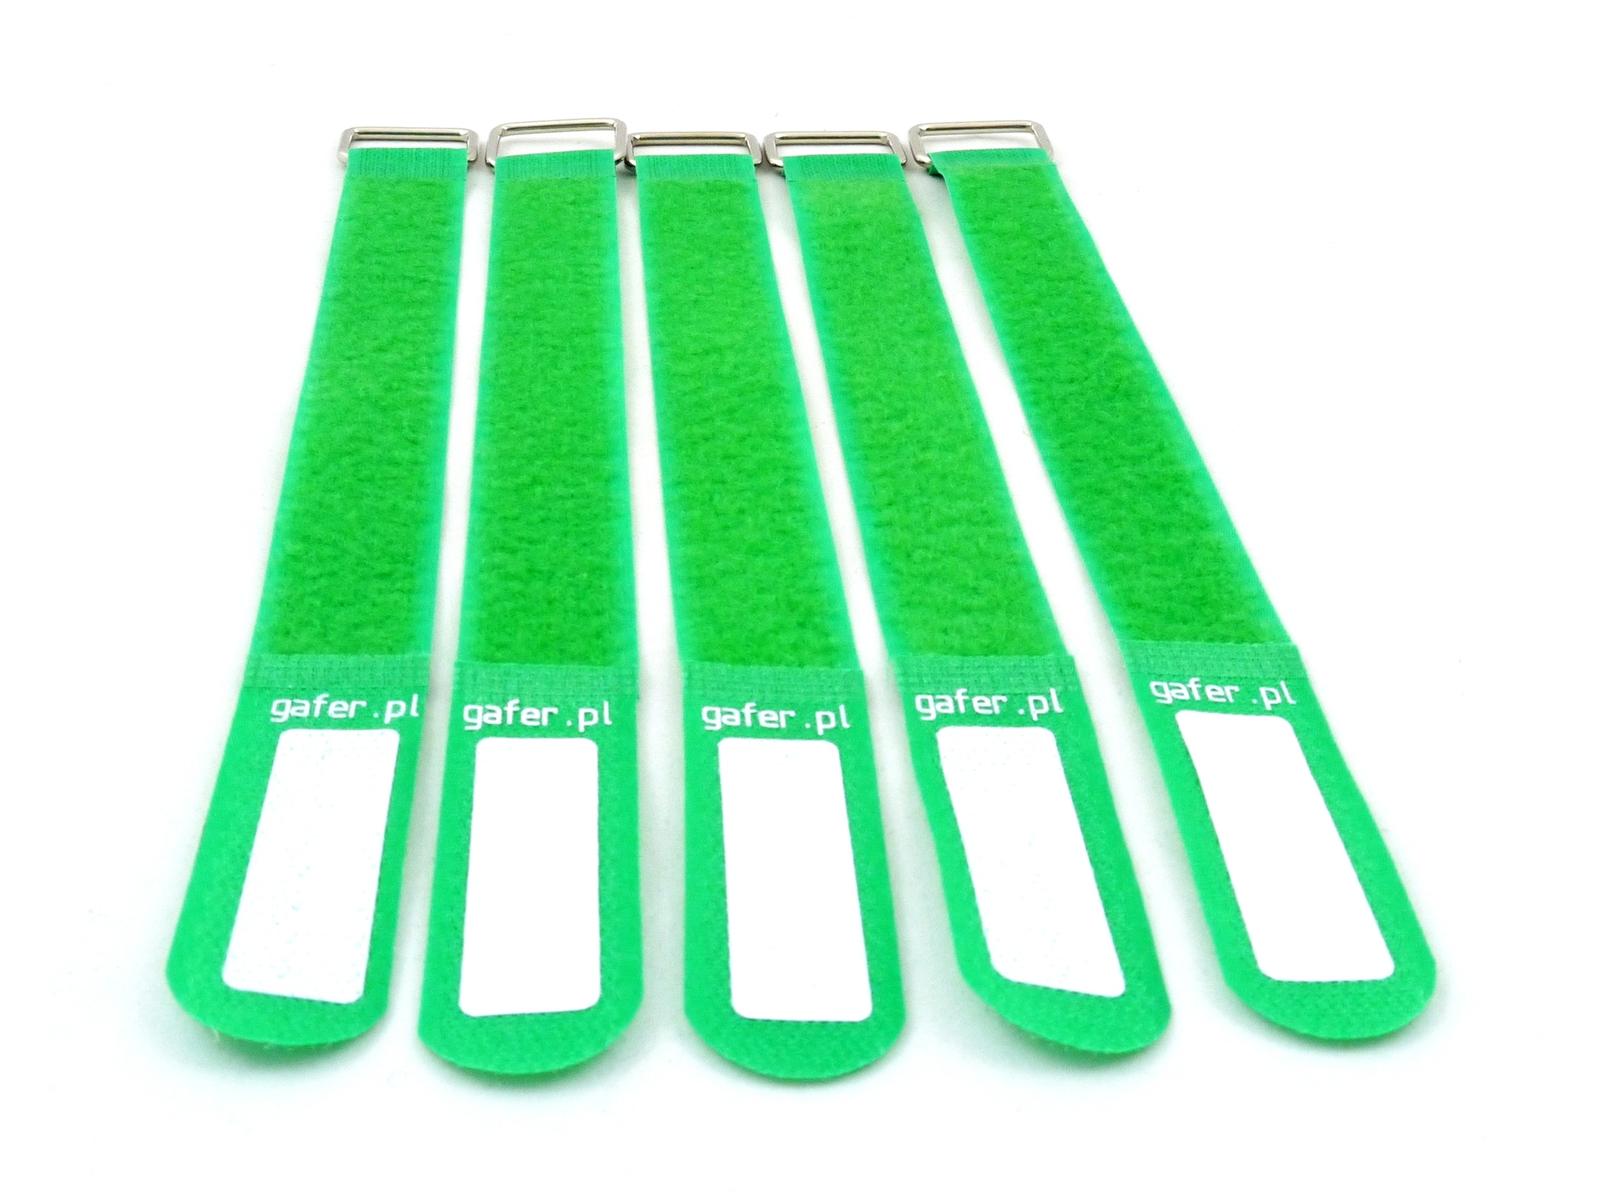 GAFER.PL Legare le Cinghie 25x400mm 5 pezzi verde